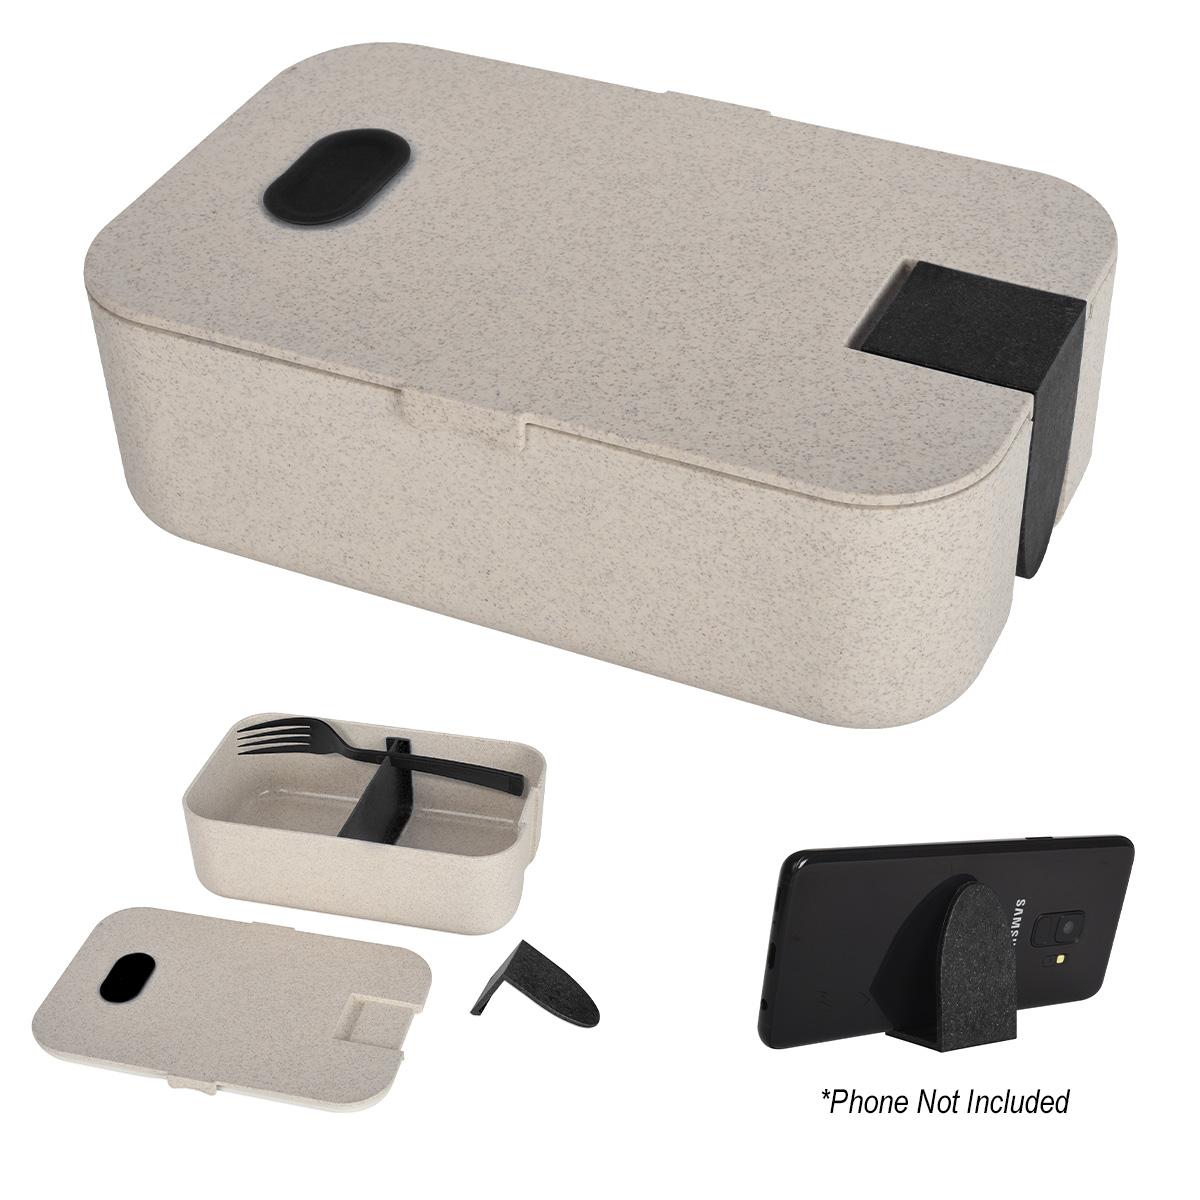 2218 - Box Lunch Ecológica con Cubiertos y Soporte de Teléfono